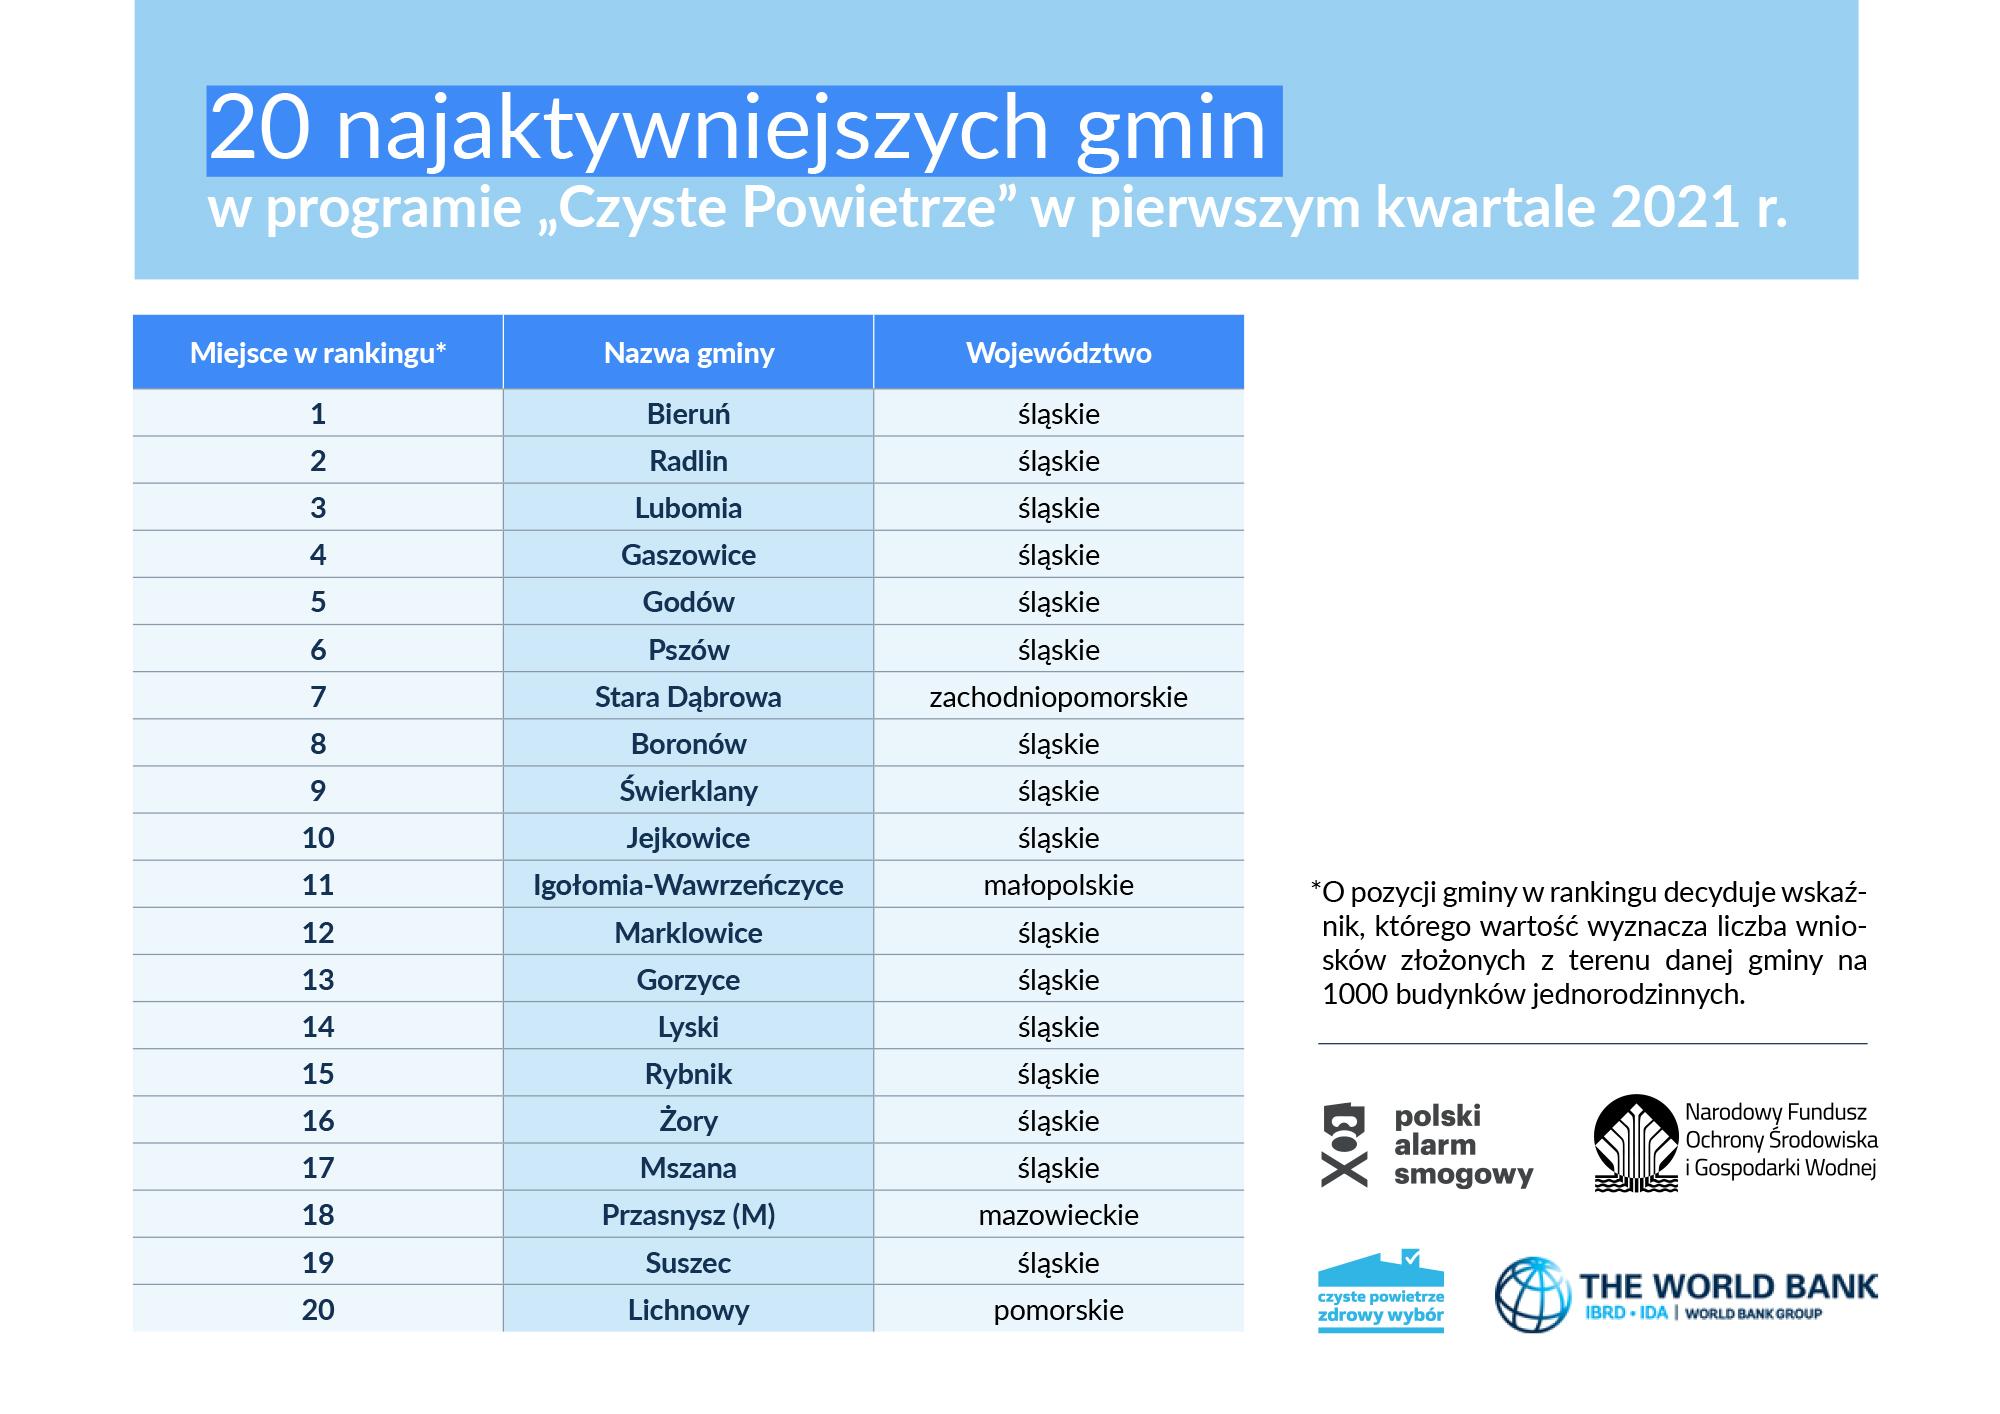 20 najaktywniejszych gmin